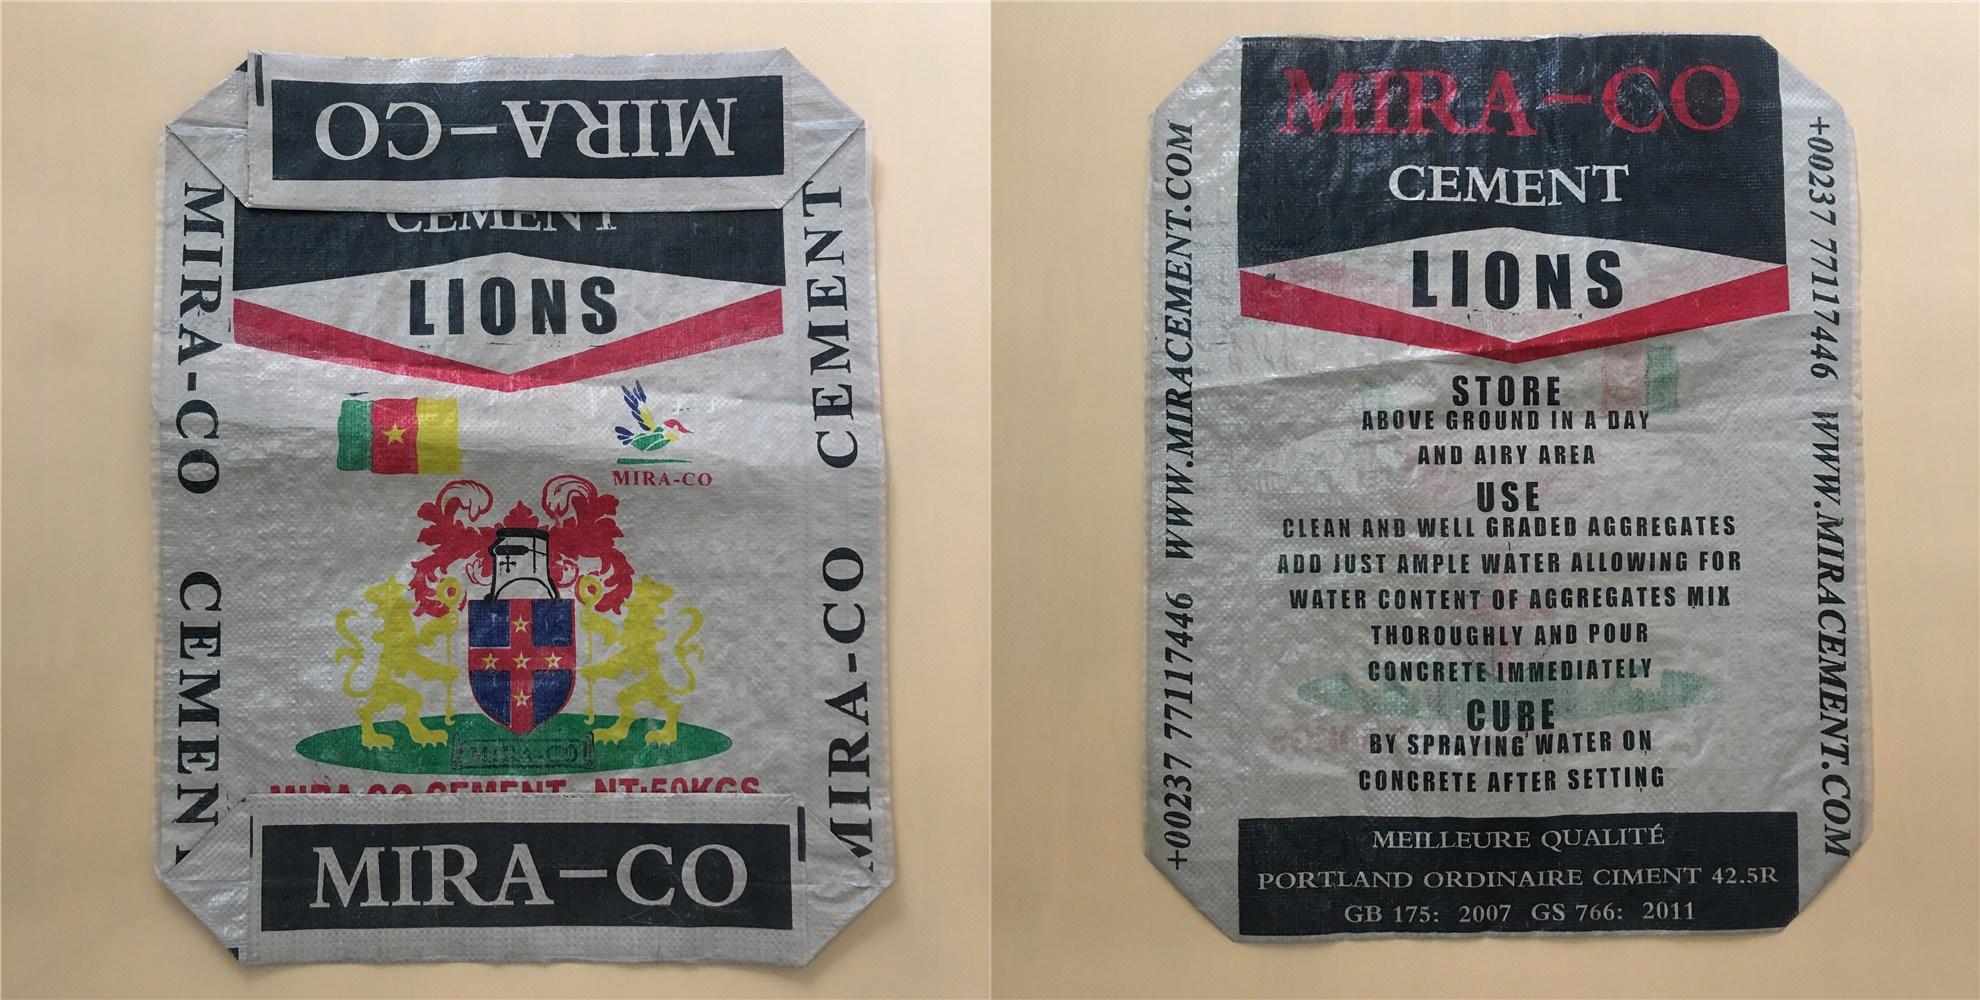 polypropylene cement bags